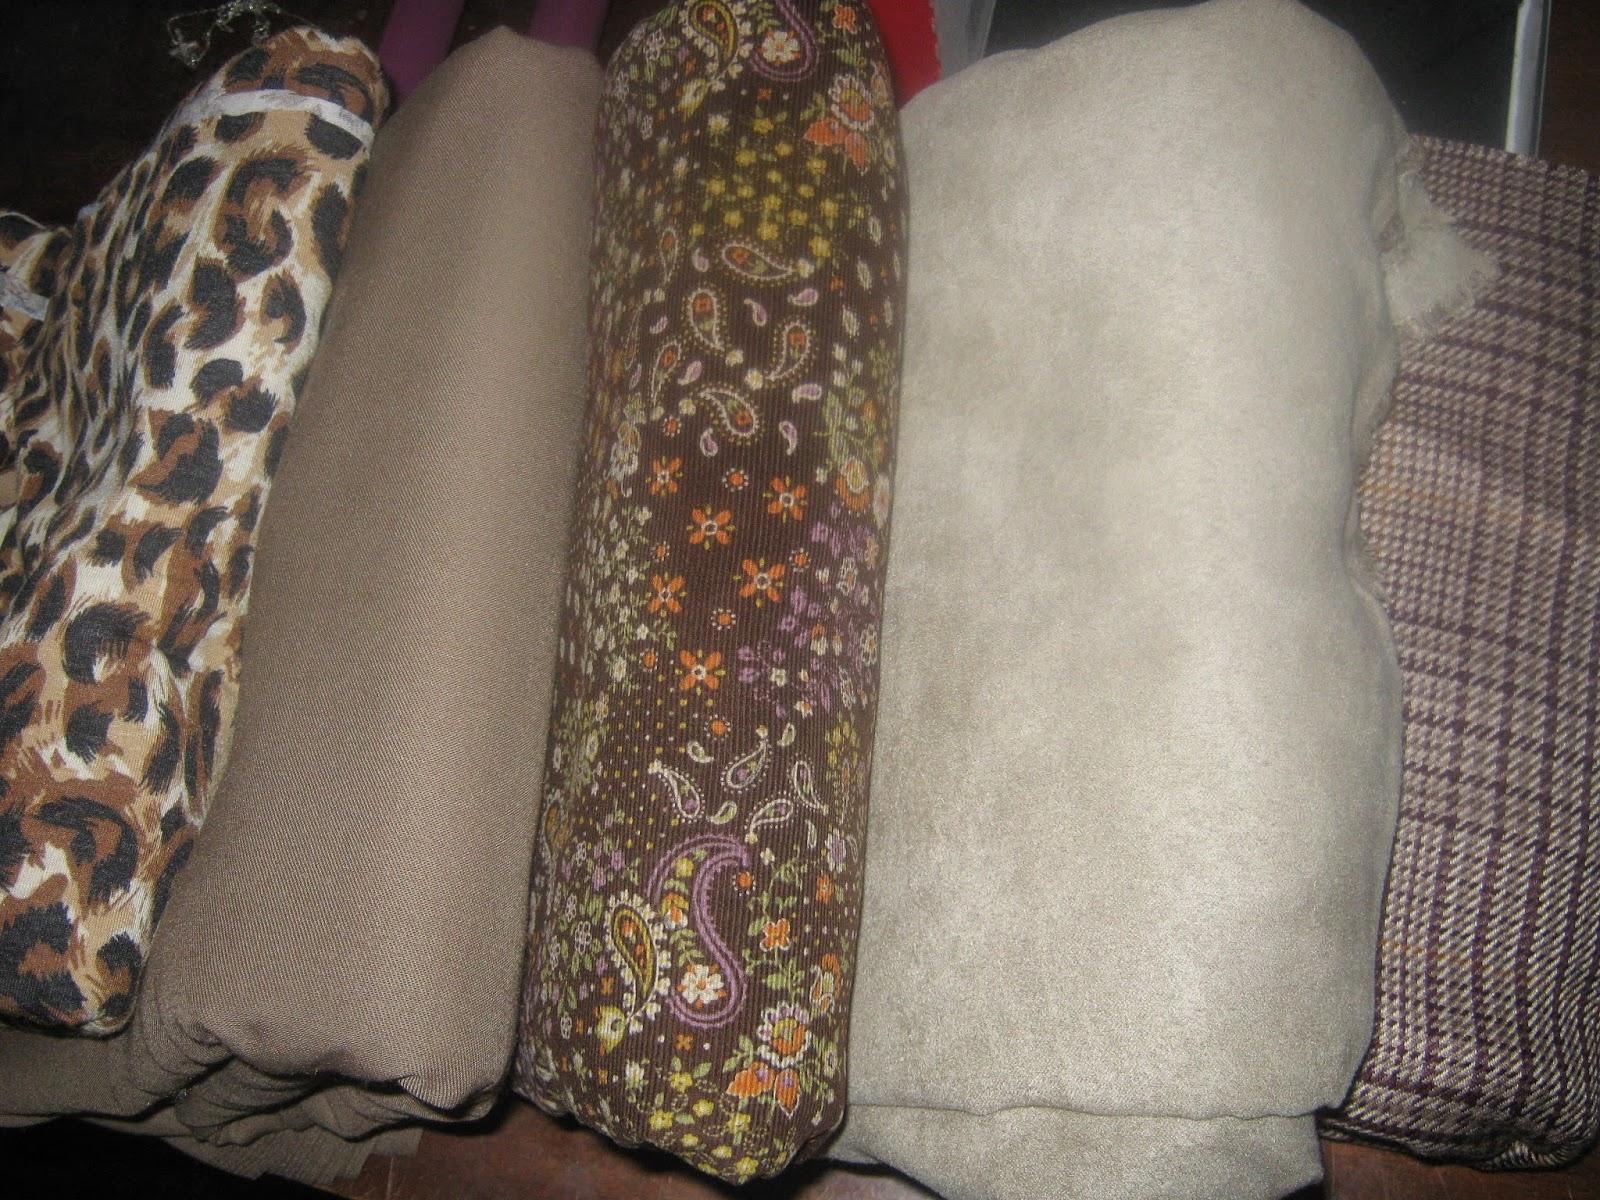 Fall wardrobe fabrics www.sewplus.blogspot.com